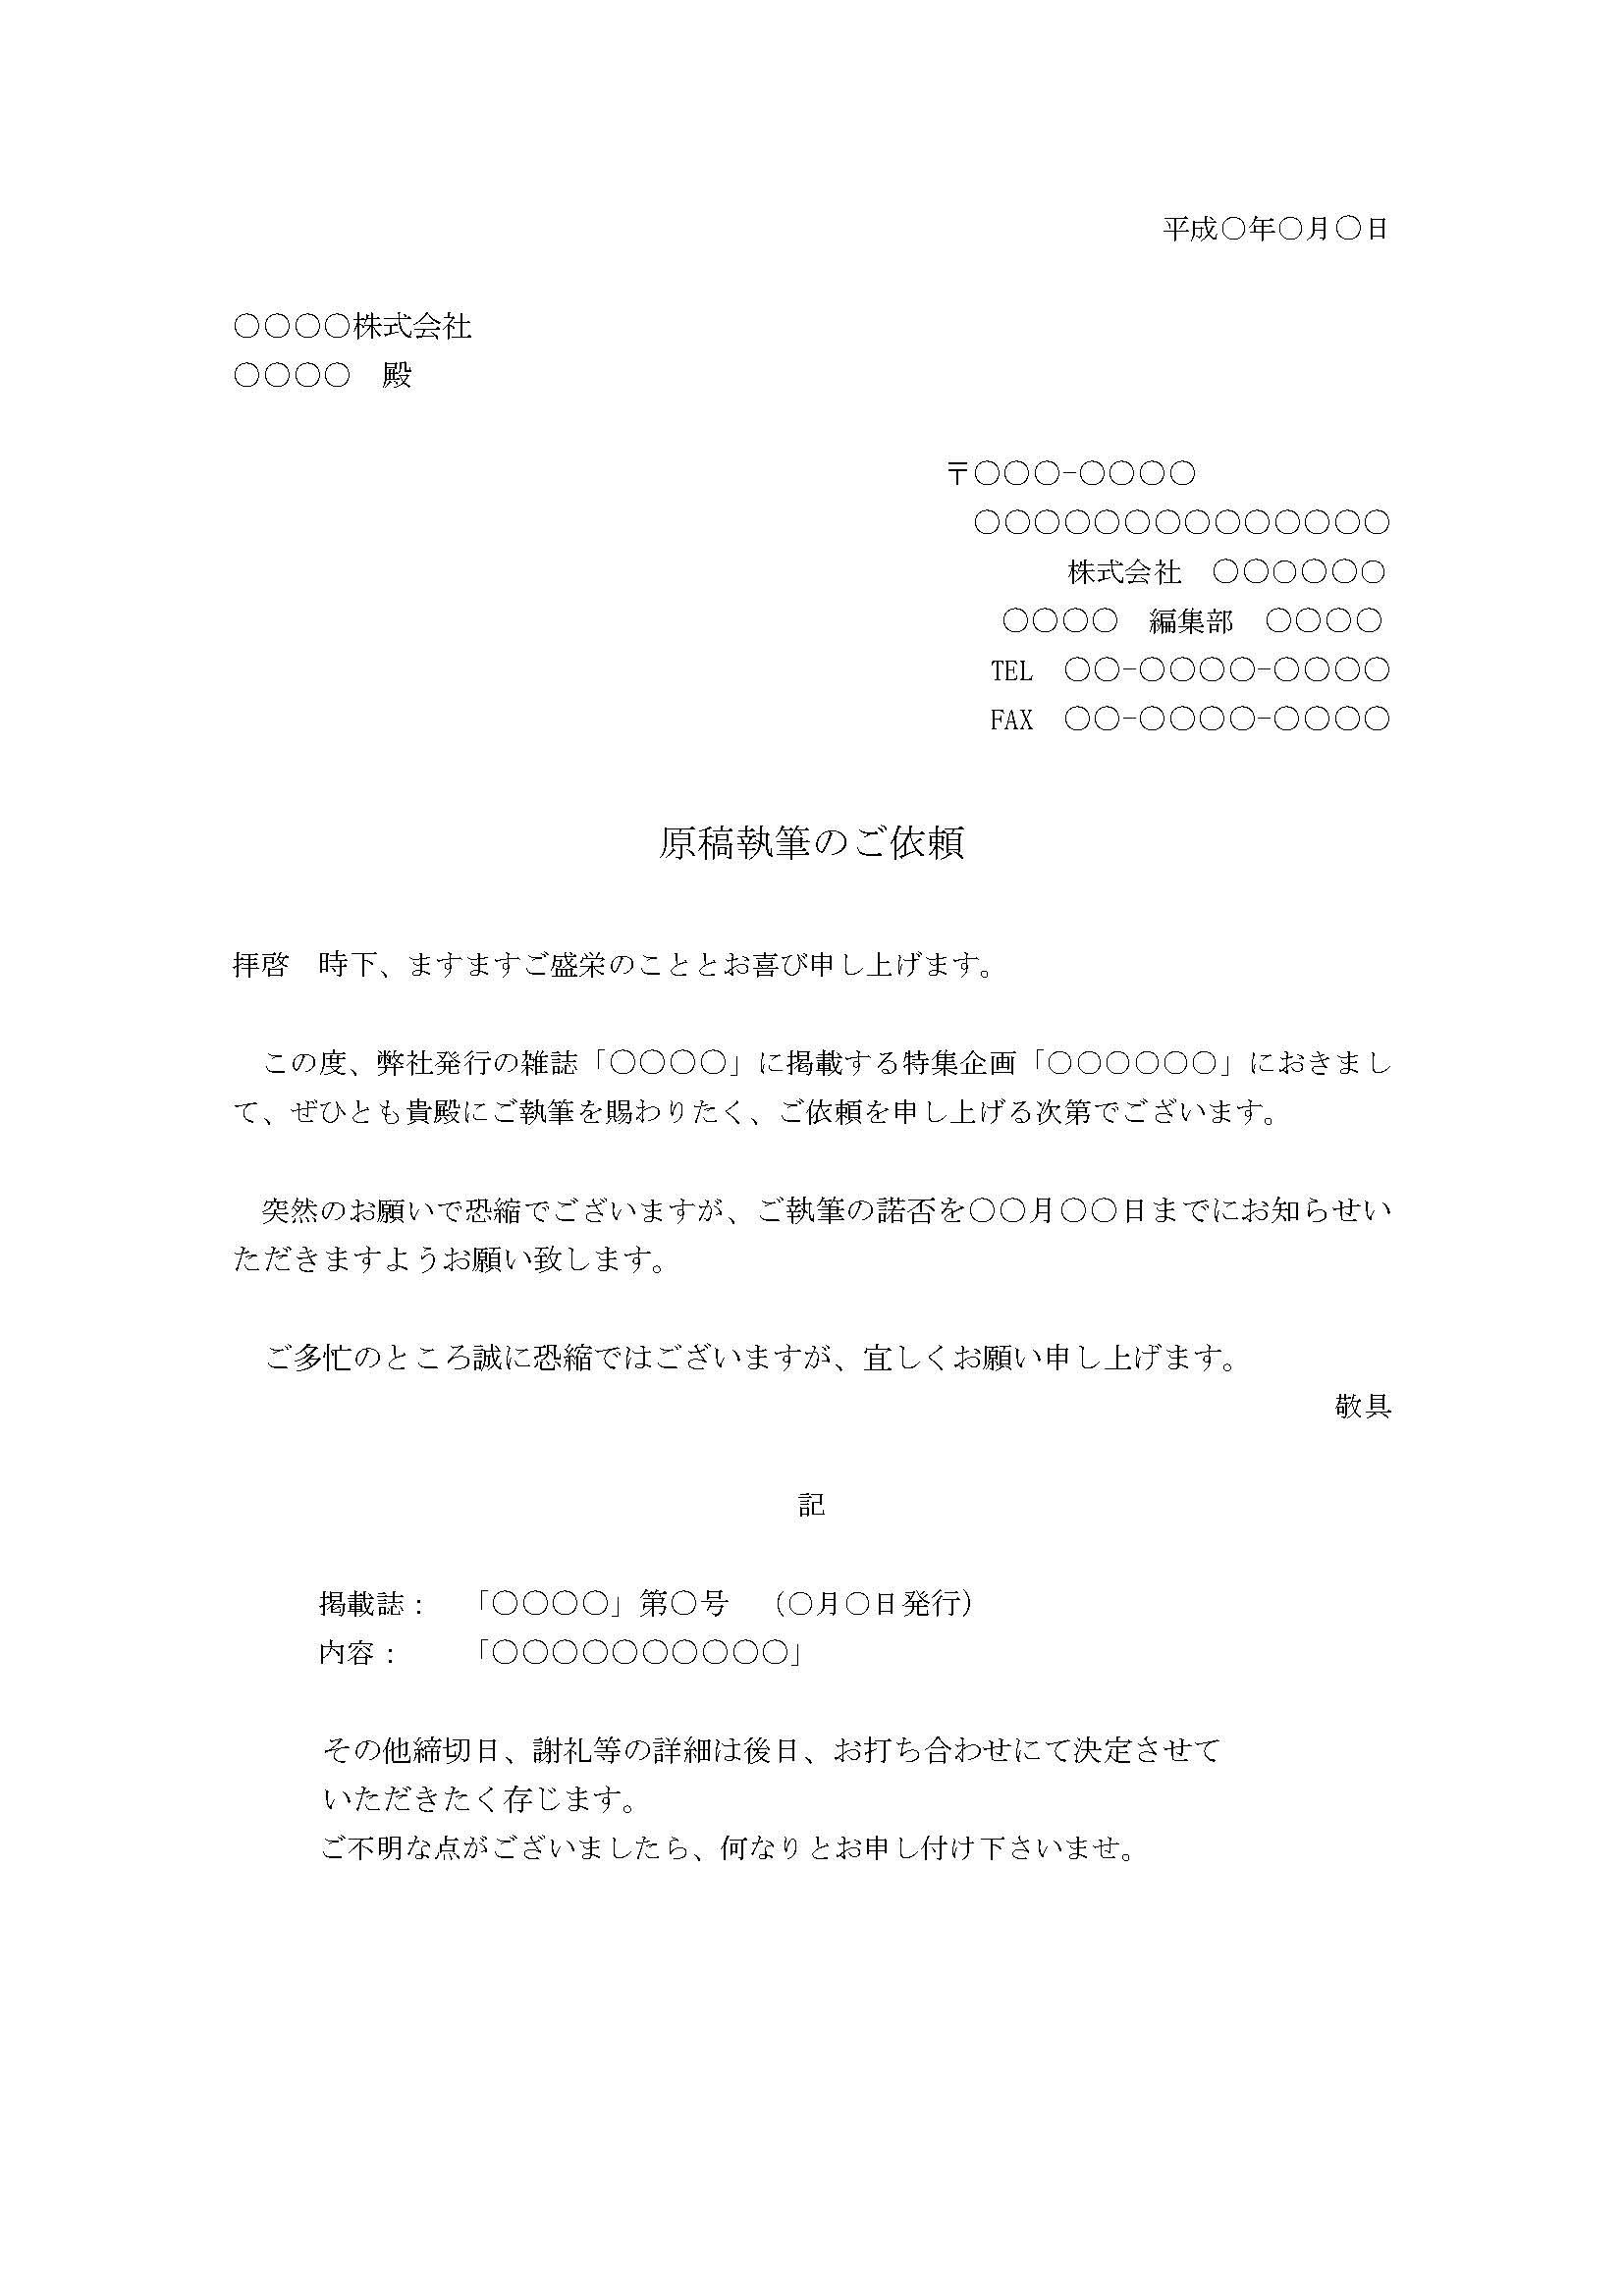 依頼状(原稿執筆)04